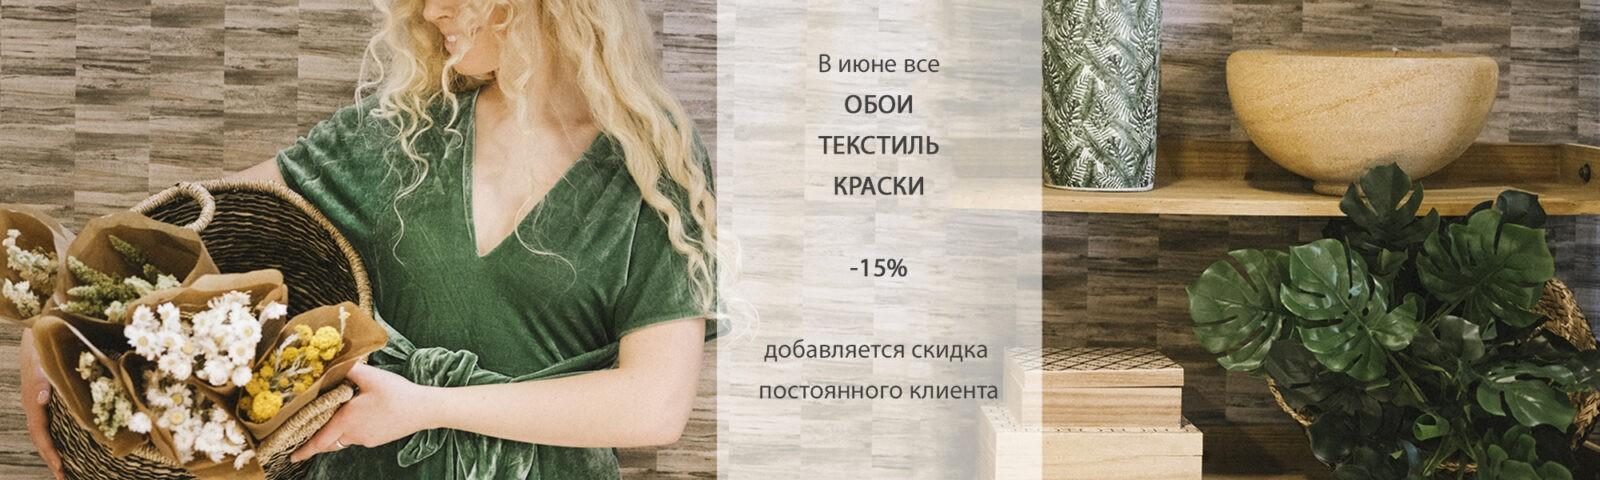 päis juuni rus - Esilehe foto 3 ru